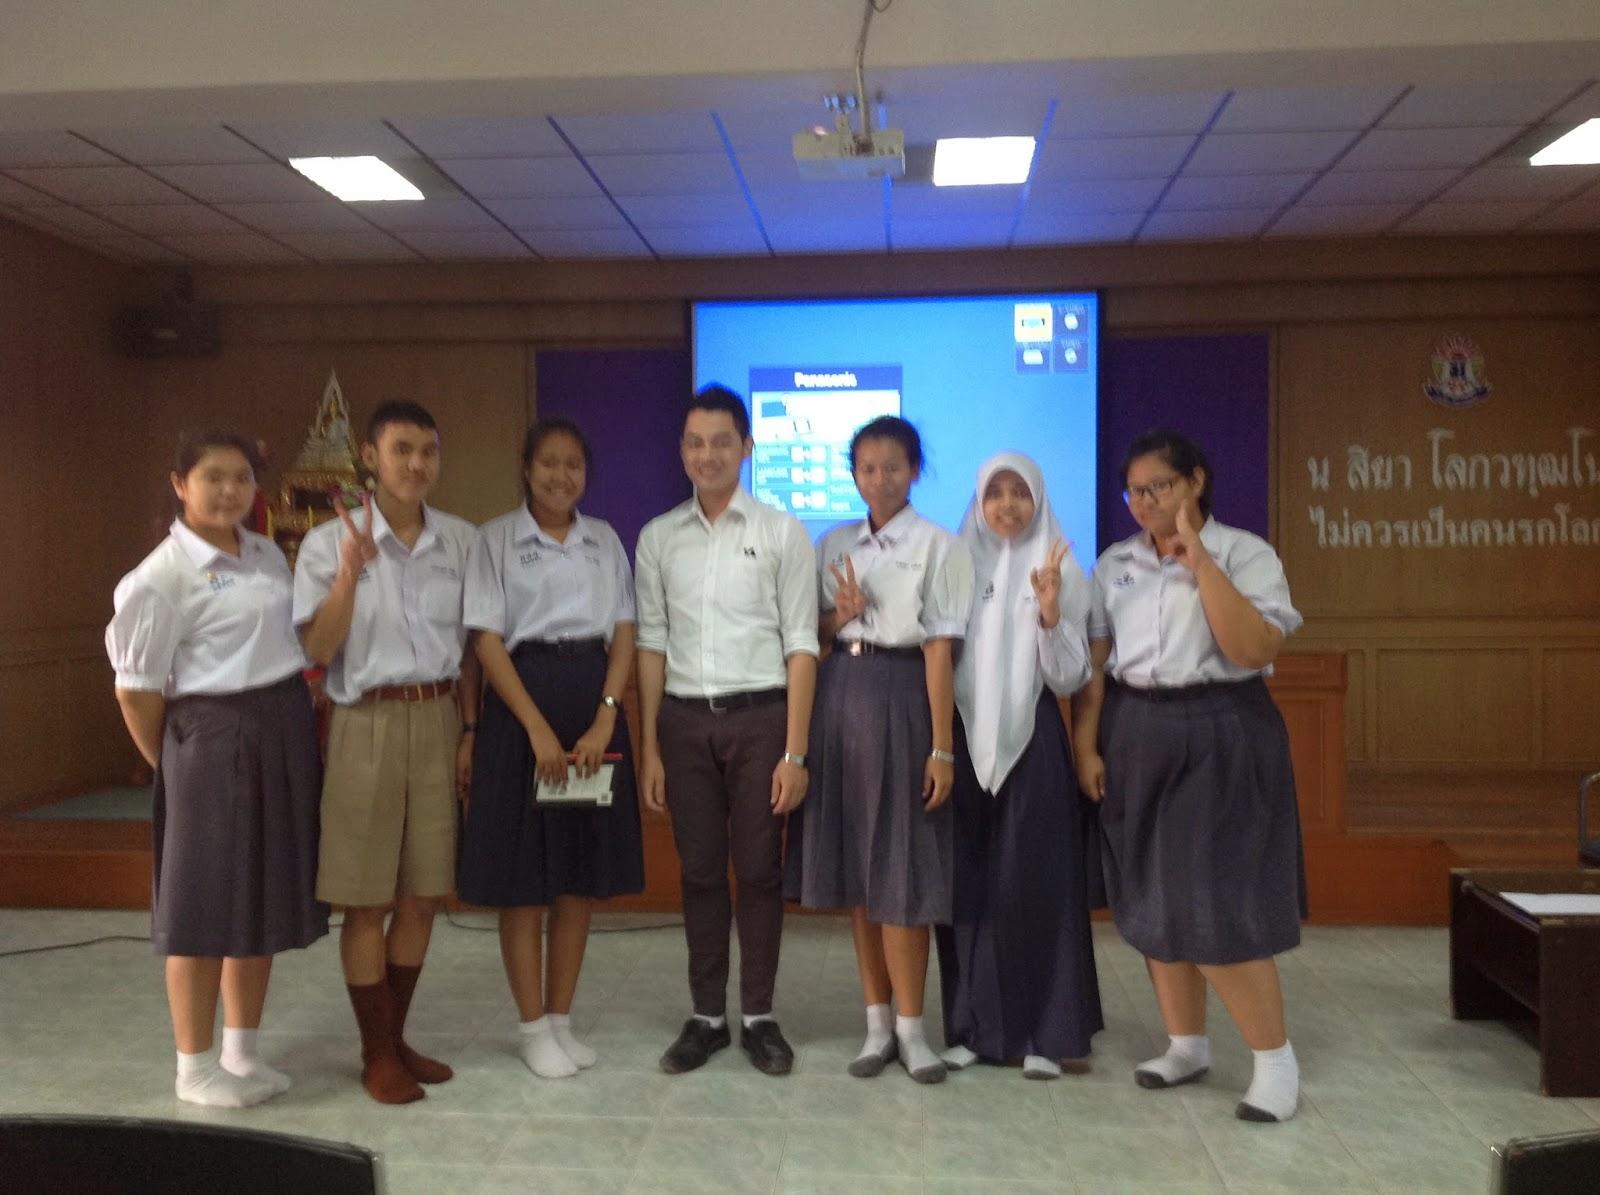 แก้ไขอ่านเขียนไทยไม่ออก เรียนพิเศษภาษาไทย เรียนอ่านเขียนไทยประถม เรียนพิเศษส่วนตัวภาษาไทย หาที่เรียนภาษาไทย ครูสอนพิเศษภาษาไทย หาครูสอนภาษาไทย  สอนอ่านภาษาไทย  สอนภาษาไทยเด็ก  สอนภาษาไทย  สอนพิเศษภาษาไทย  เรียนอ่านภาษาไทย  เรียนพิเศษสังคม  เรียนพิเศษภาษาไทย  เรียนพิเศษ ไทย สังคม   รับสอนพิเศษภาษาไทย  ติวภาษาไทย  ครูสอนภาษาไทย  ครูสอนพิเศษภาษาไทย ติวโอเน็ตสังคม